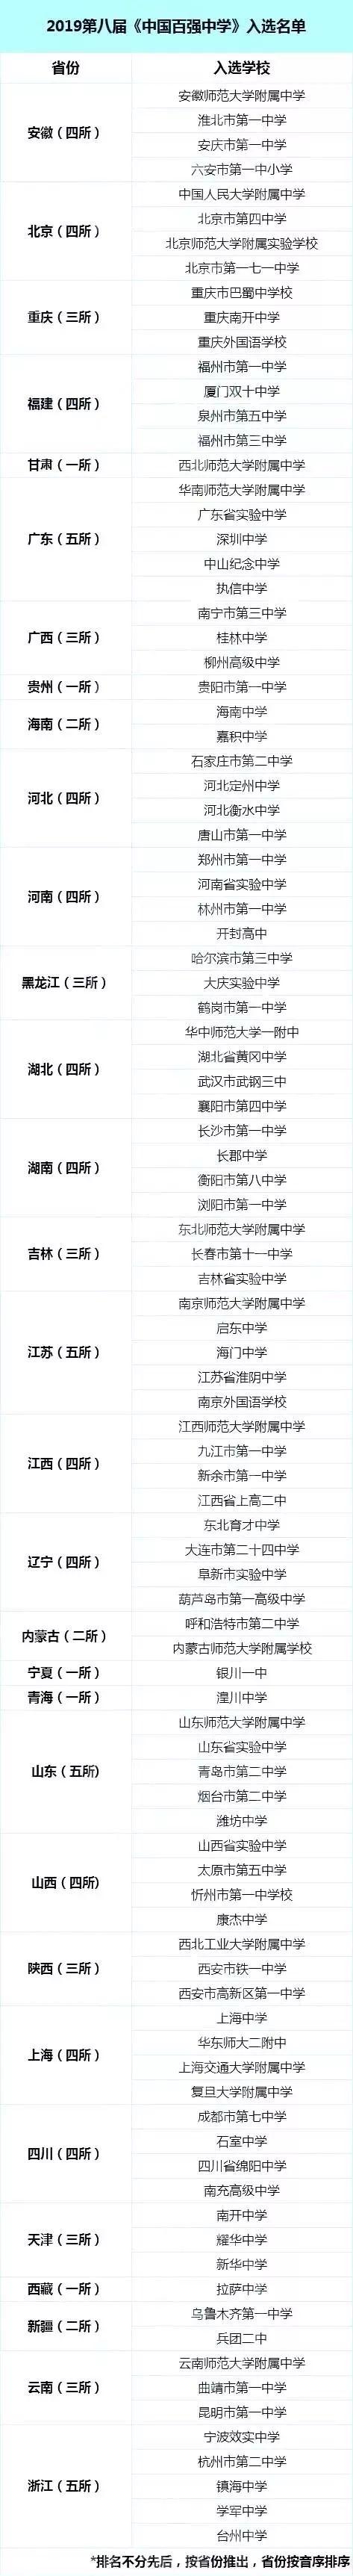 http://www.jiaokaotong.cn/zhongxiaoxue/279053.html